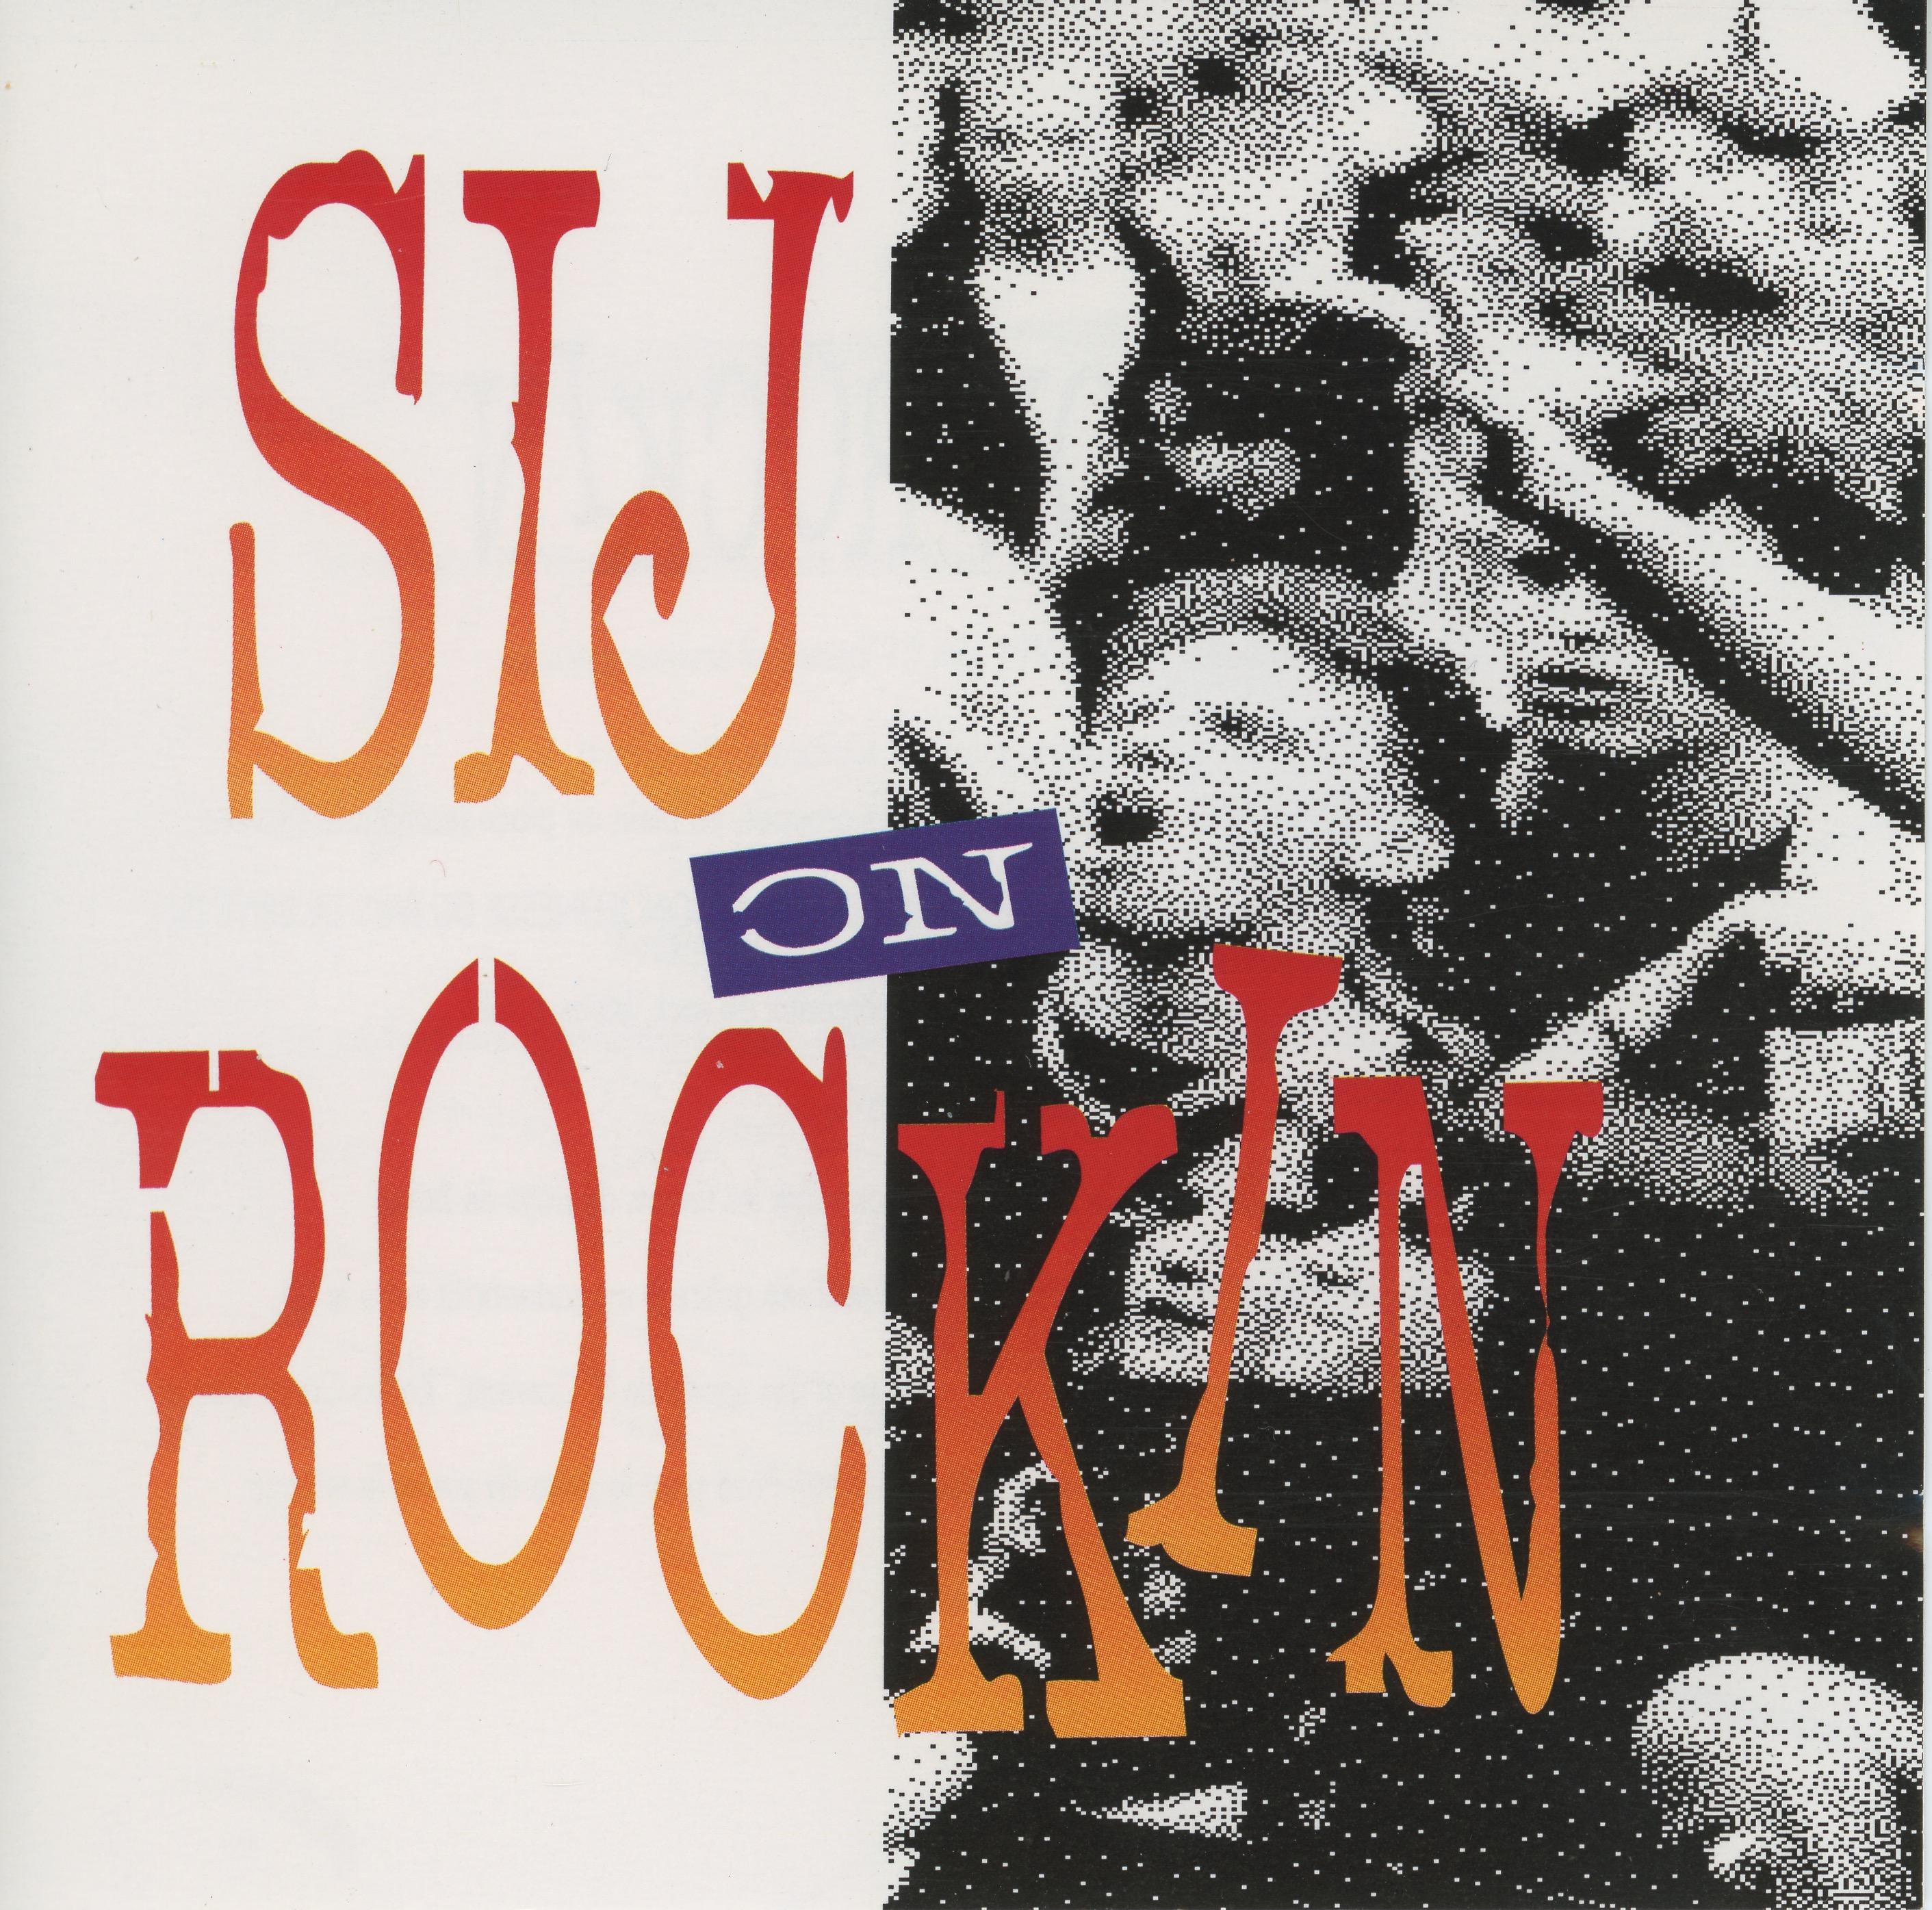 Pochette de Sij On Rockin - Les concerts des 10 ans du SIJ ont fait l'objet d'un disque live.